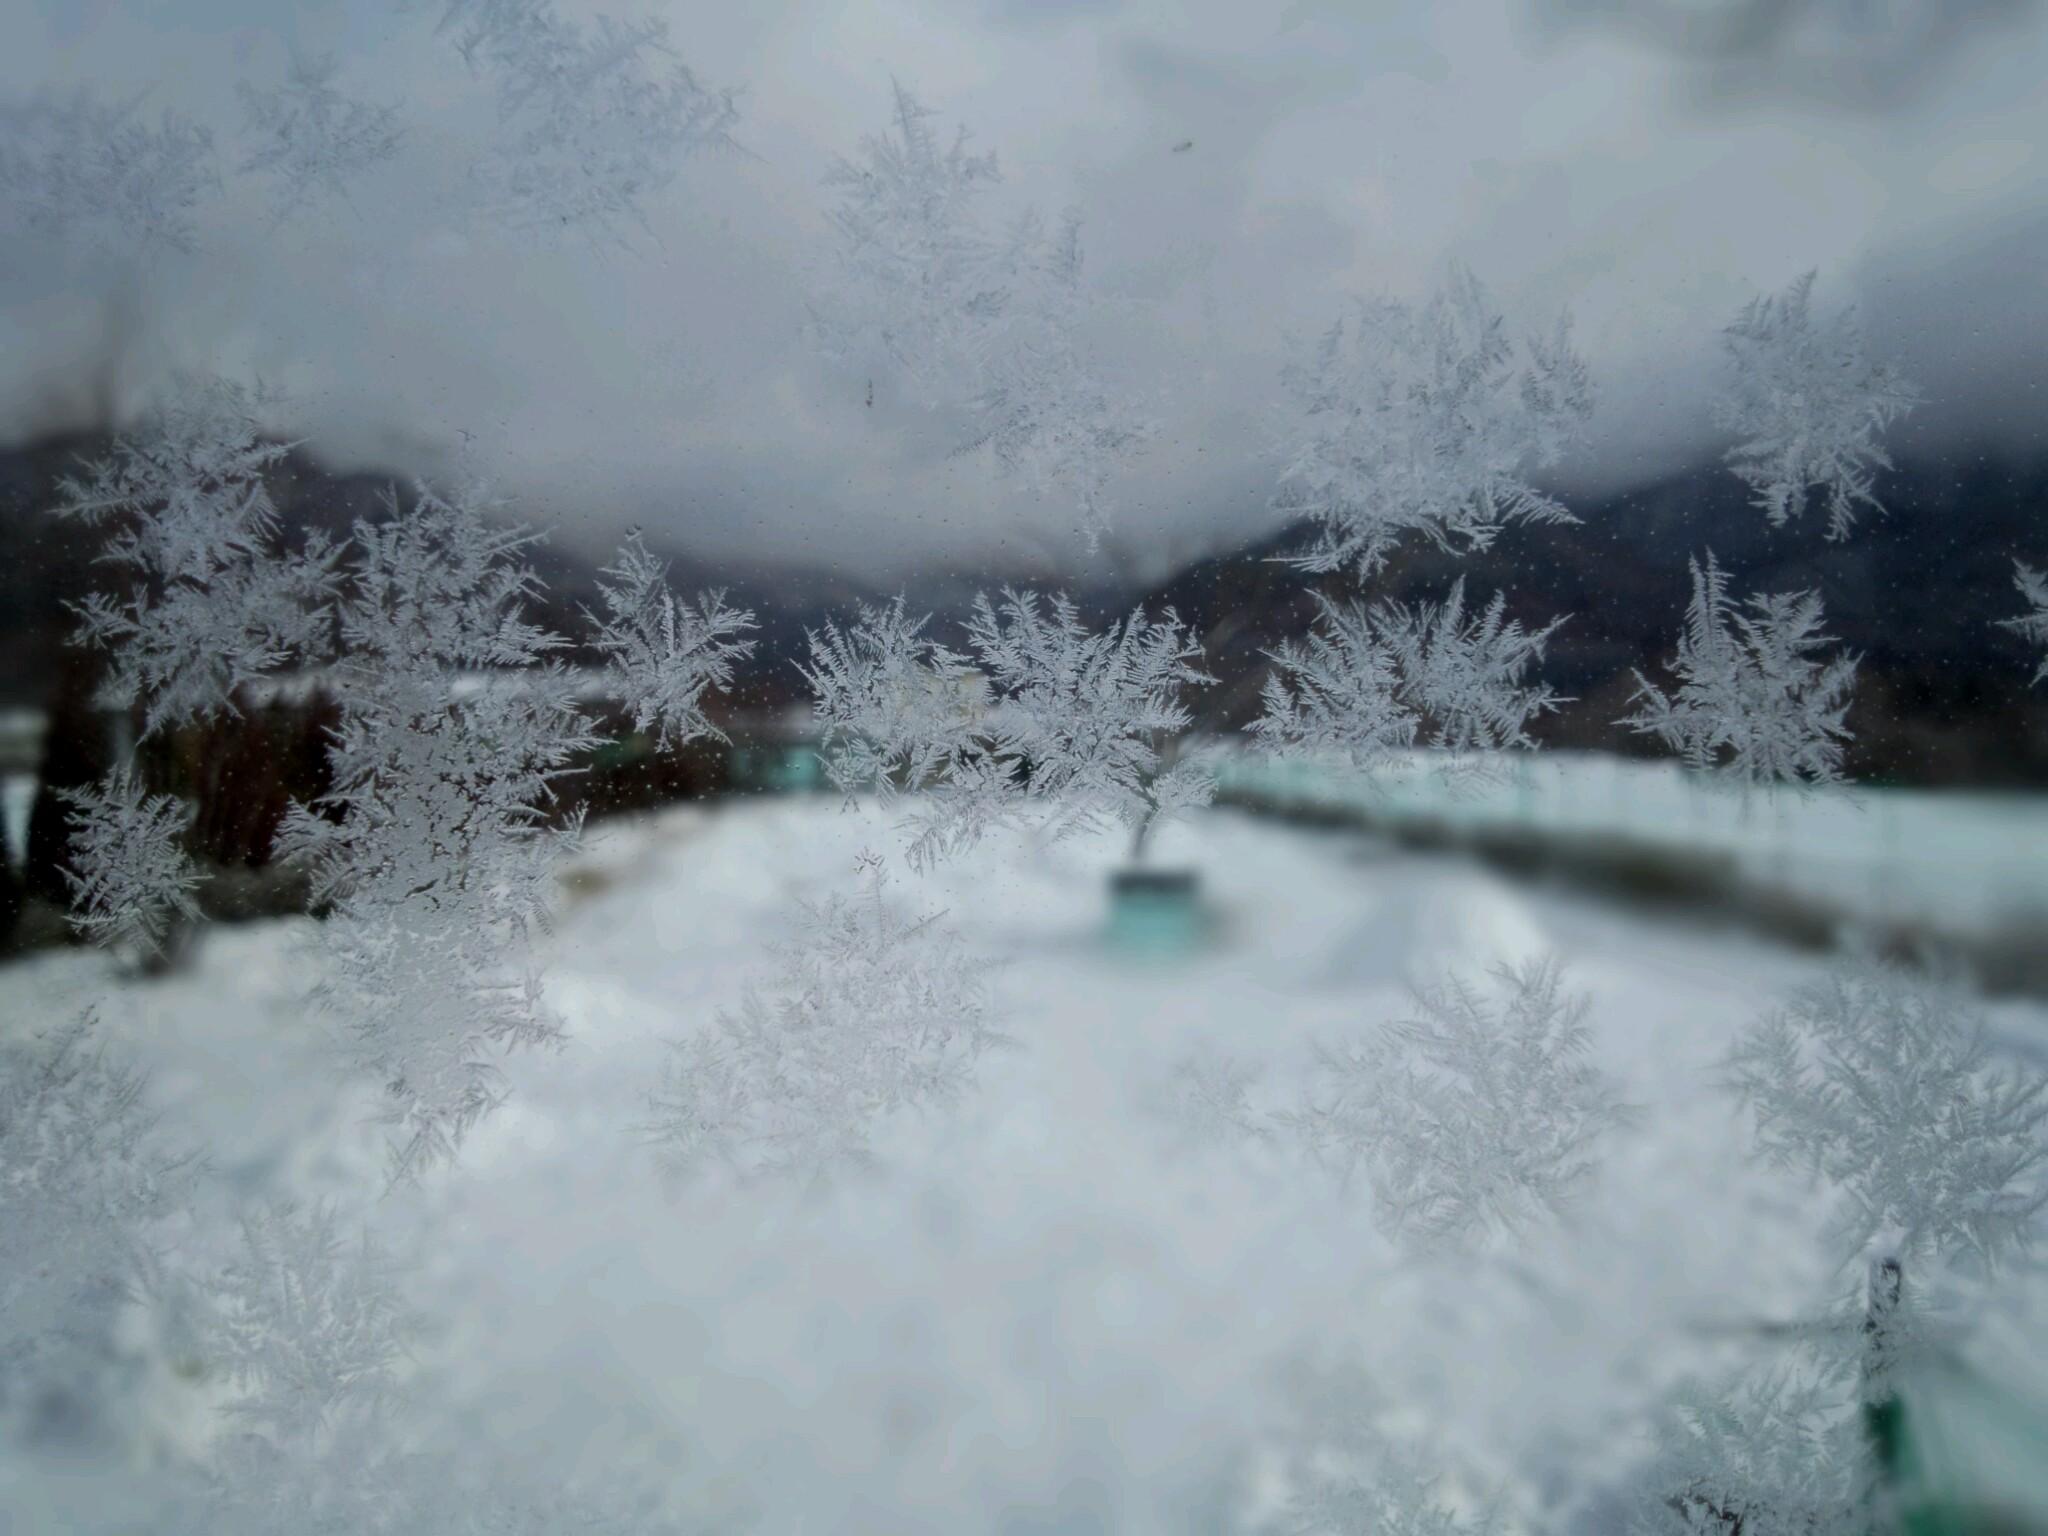 明日も寒い?_d0148408_1737525.jpg